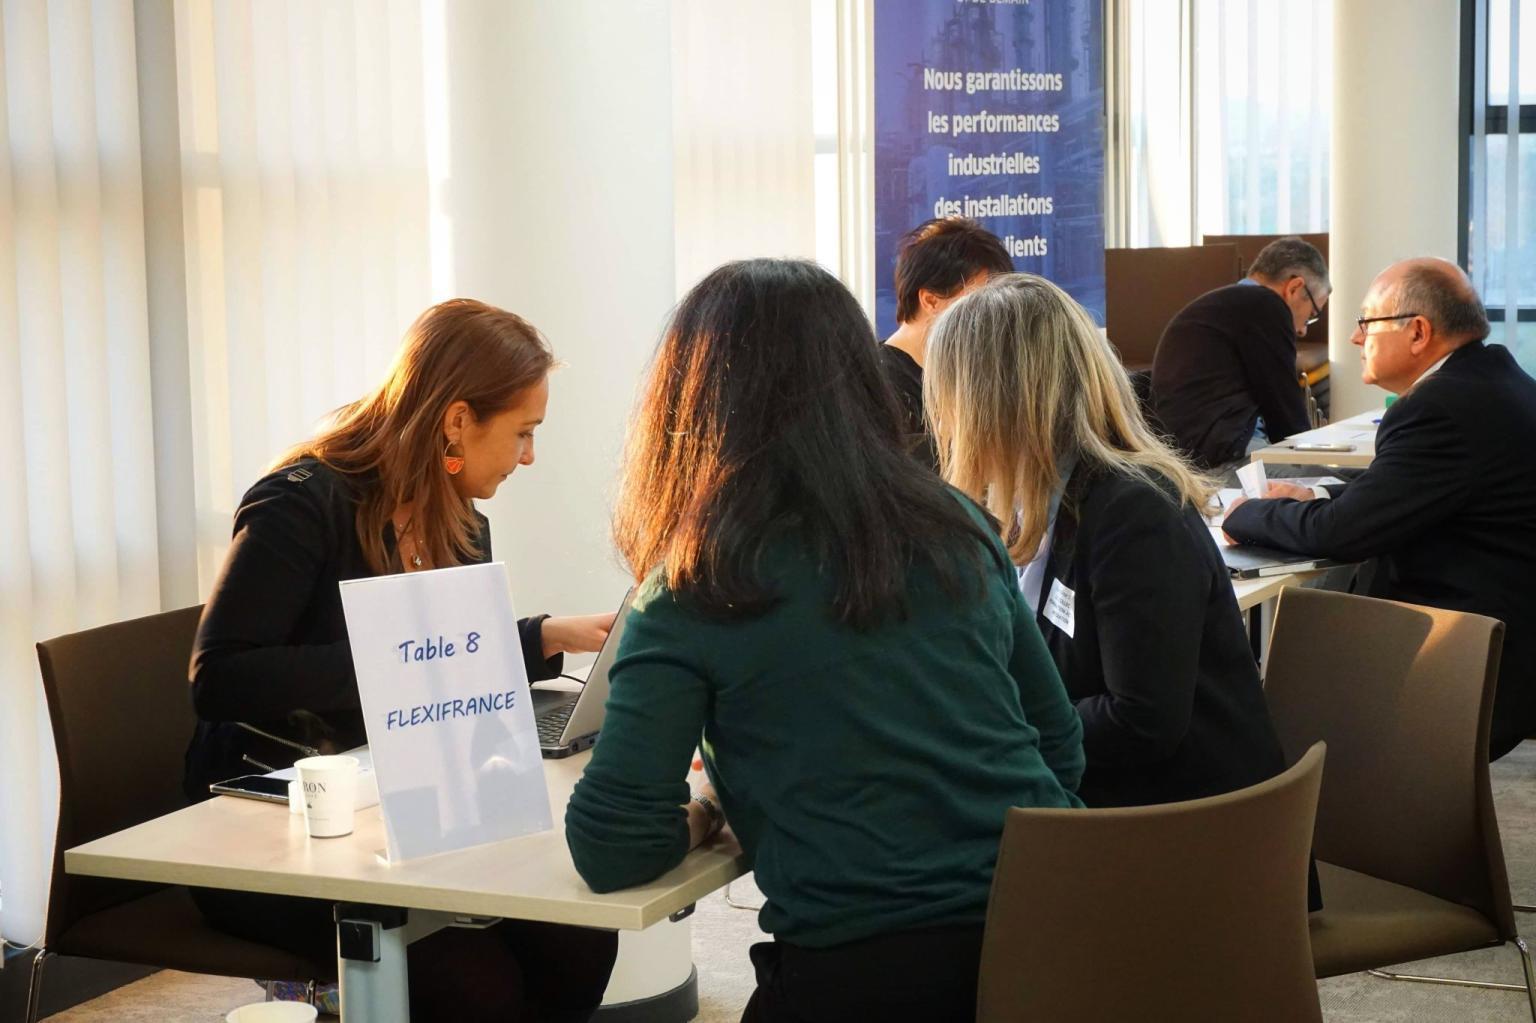 Convention d'affaires BtoB de l'ECOSYSTEM CLEON 4.0. 20 Novembre 2019